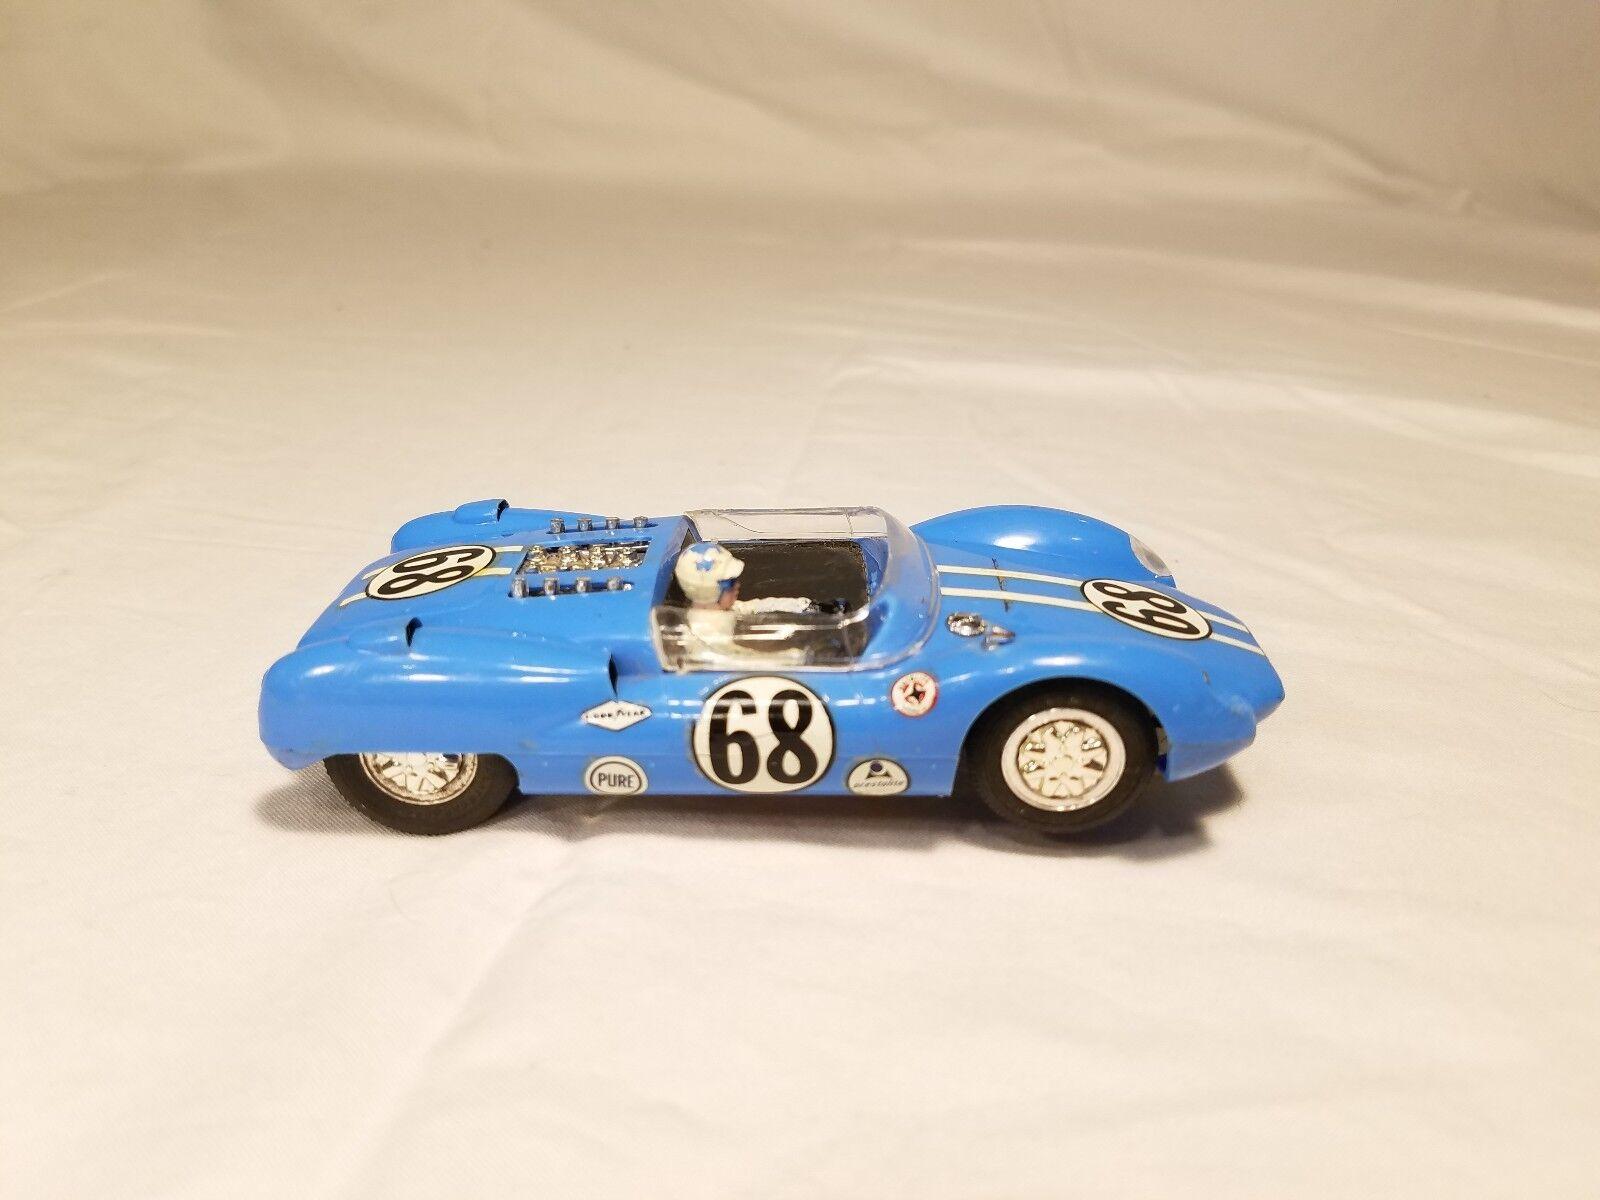 Monogram Slot  voiture Shelby King Cobra  68 bon état non testé fonctionne  magasin de gros